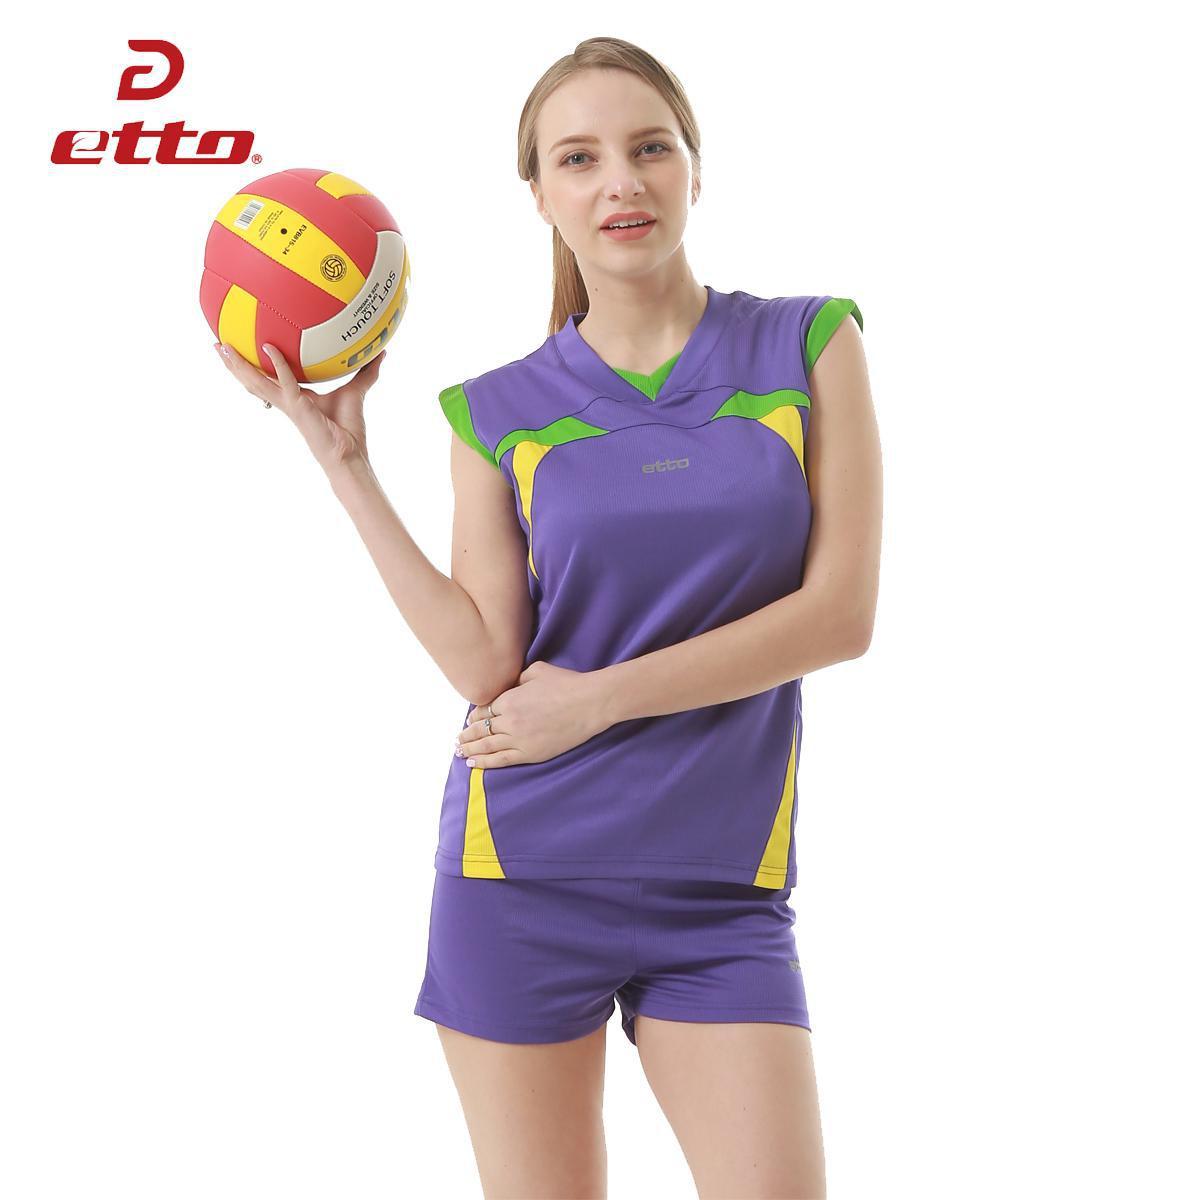 Etto профессиональные волейбольные майки Женский спортивный костюм для